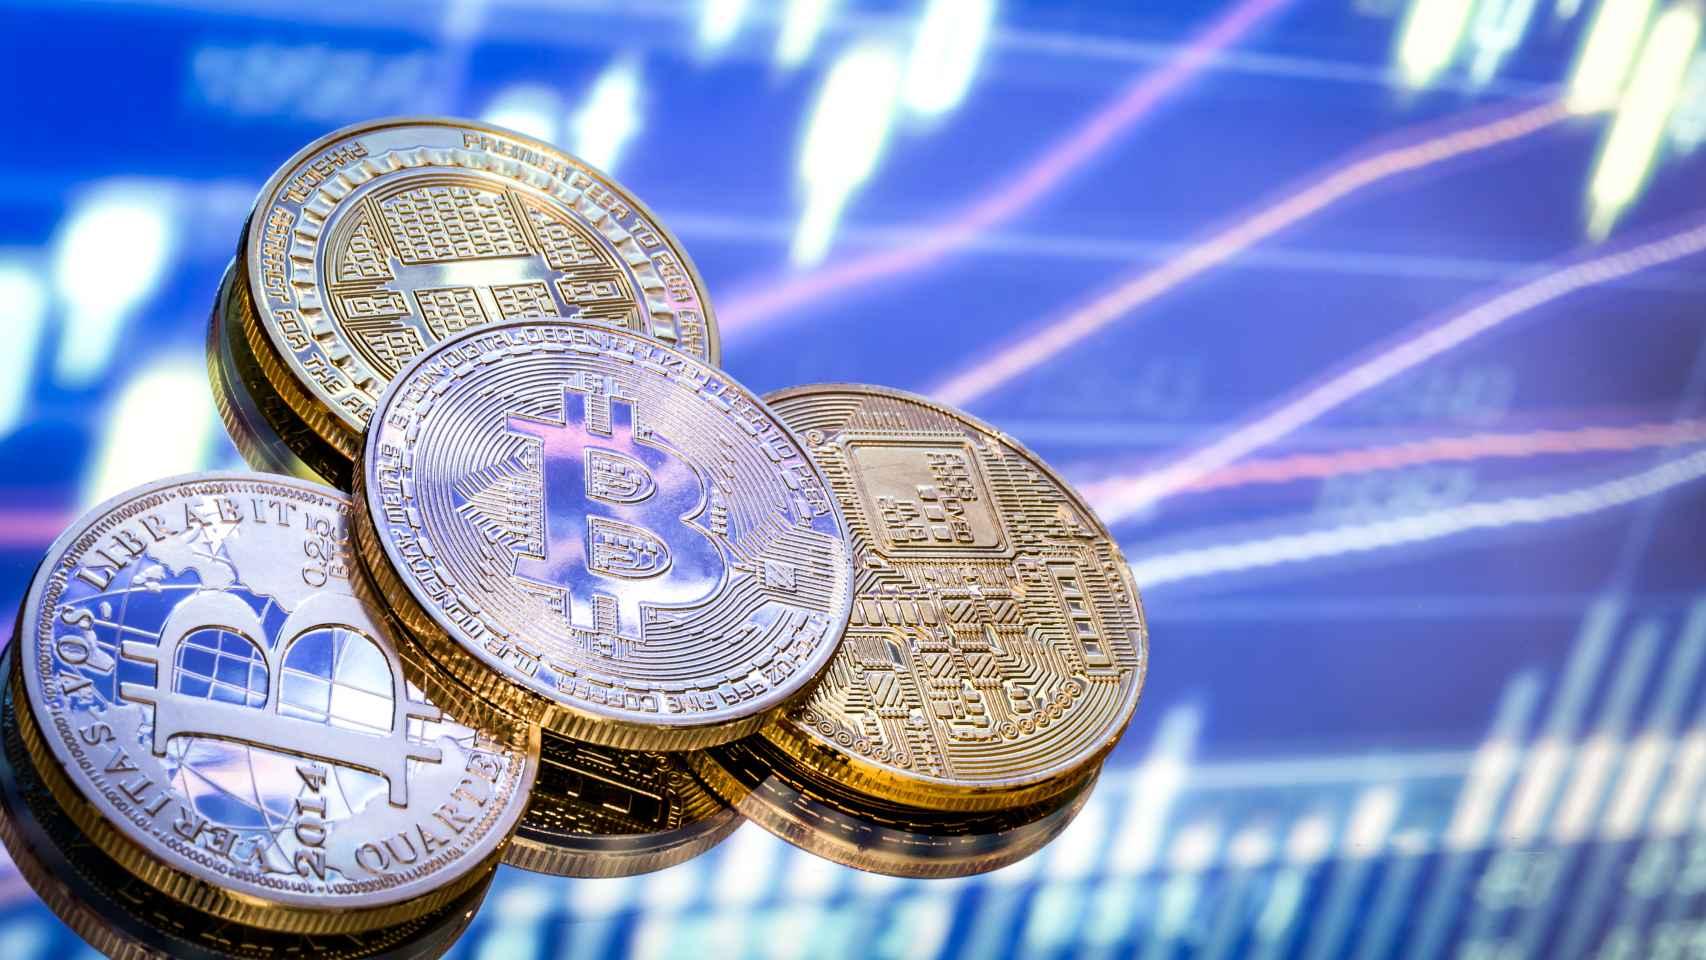 Unas monedas de bitcoin sobre gráficas de cotización.